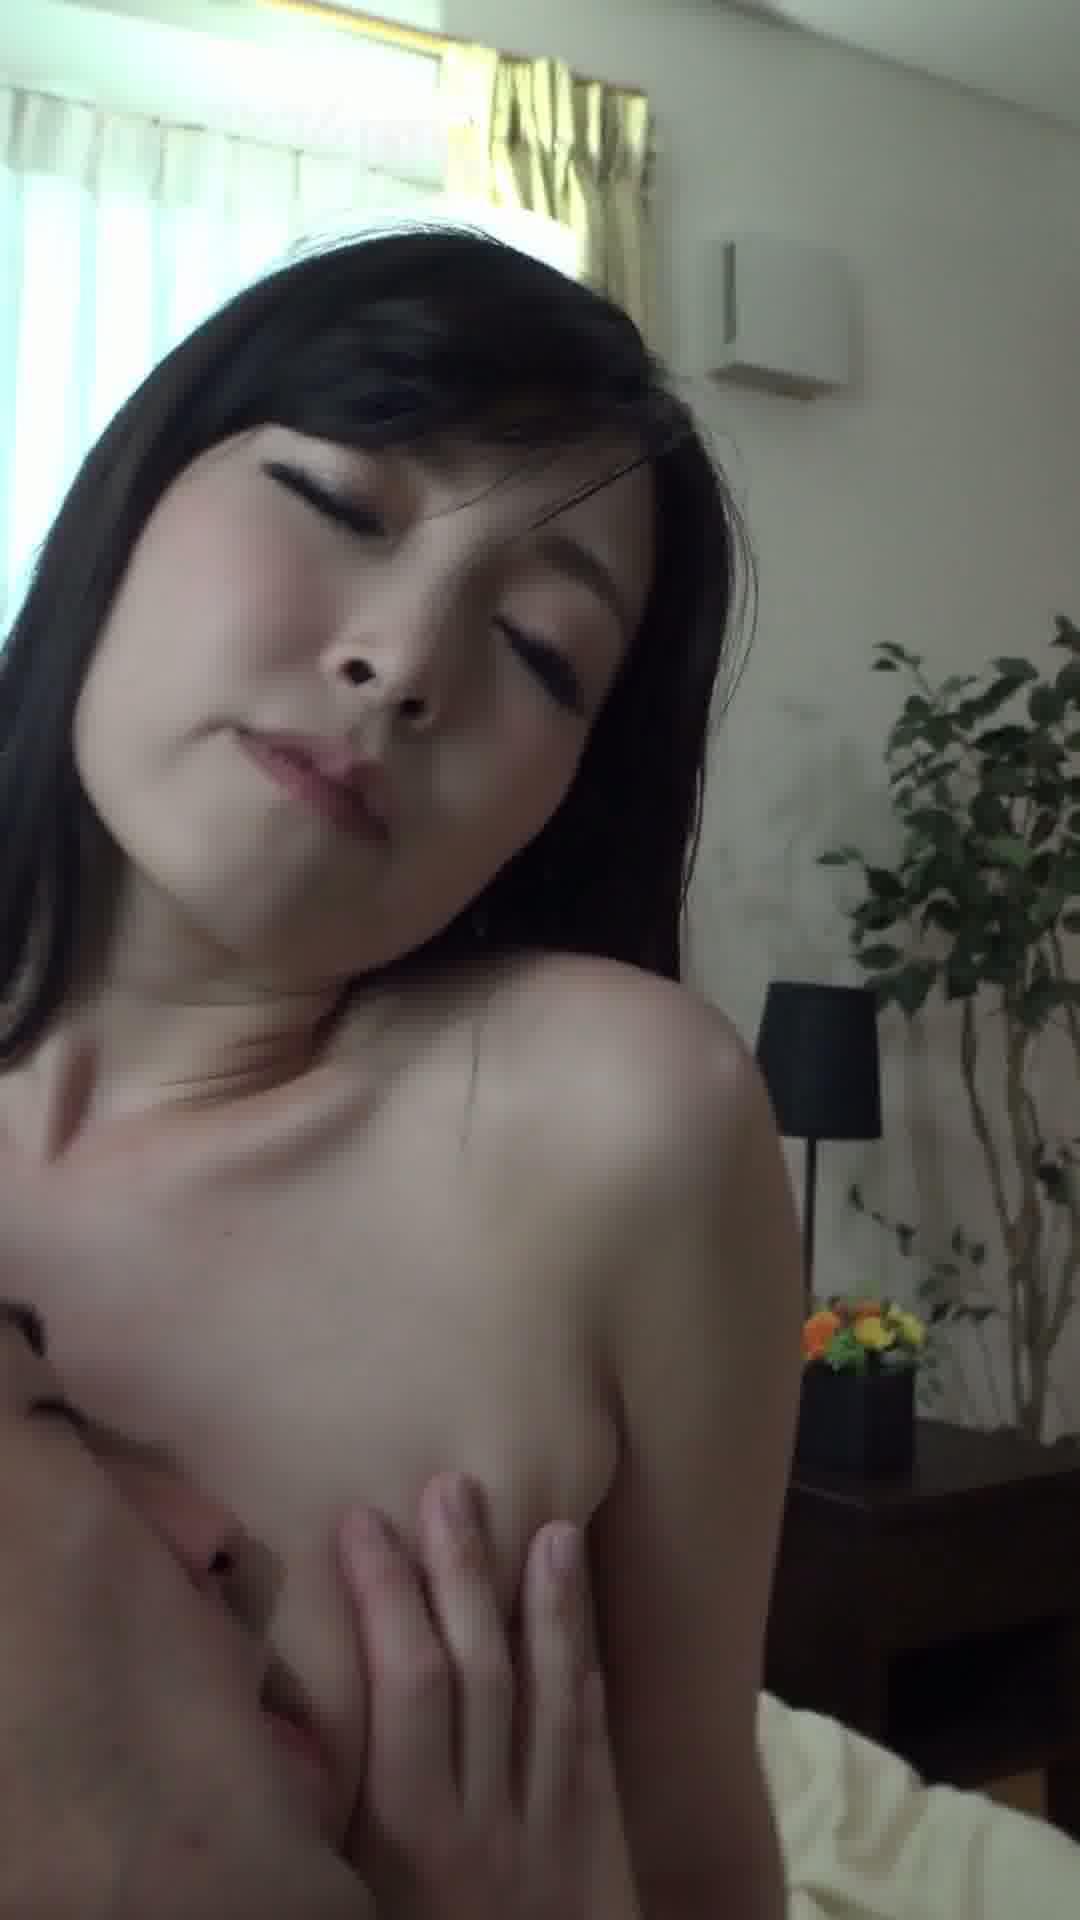 縦型動画 011 ~ハメ撮りなんて小百合感じちゃう~ - 前沢小百合【美乳・中出し・ハメ撮り】